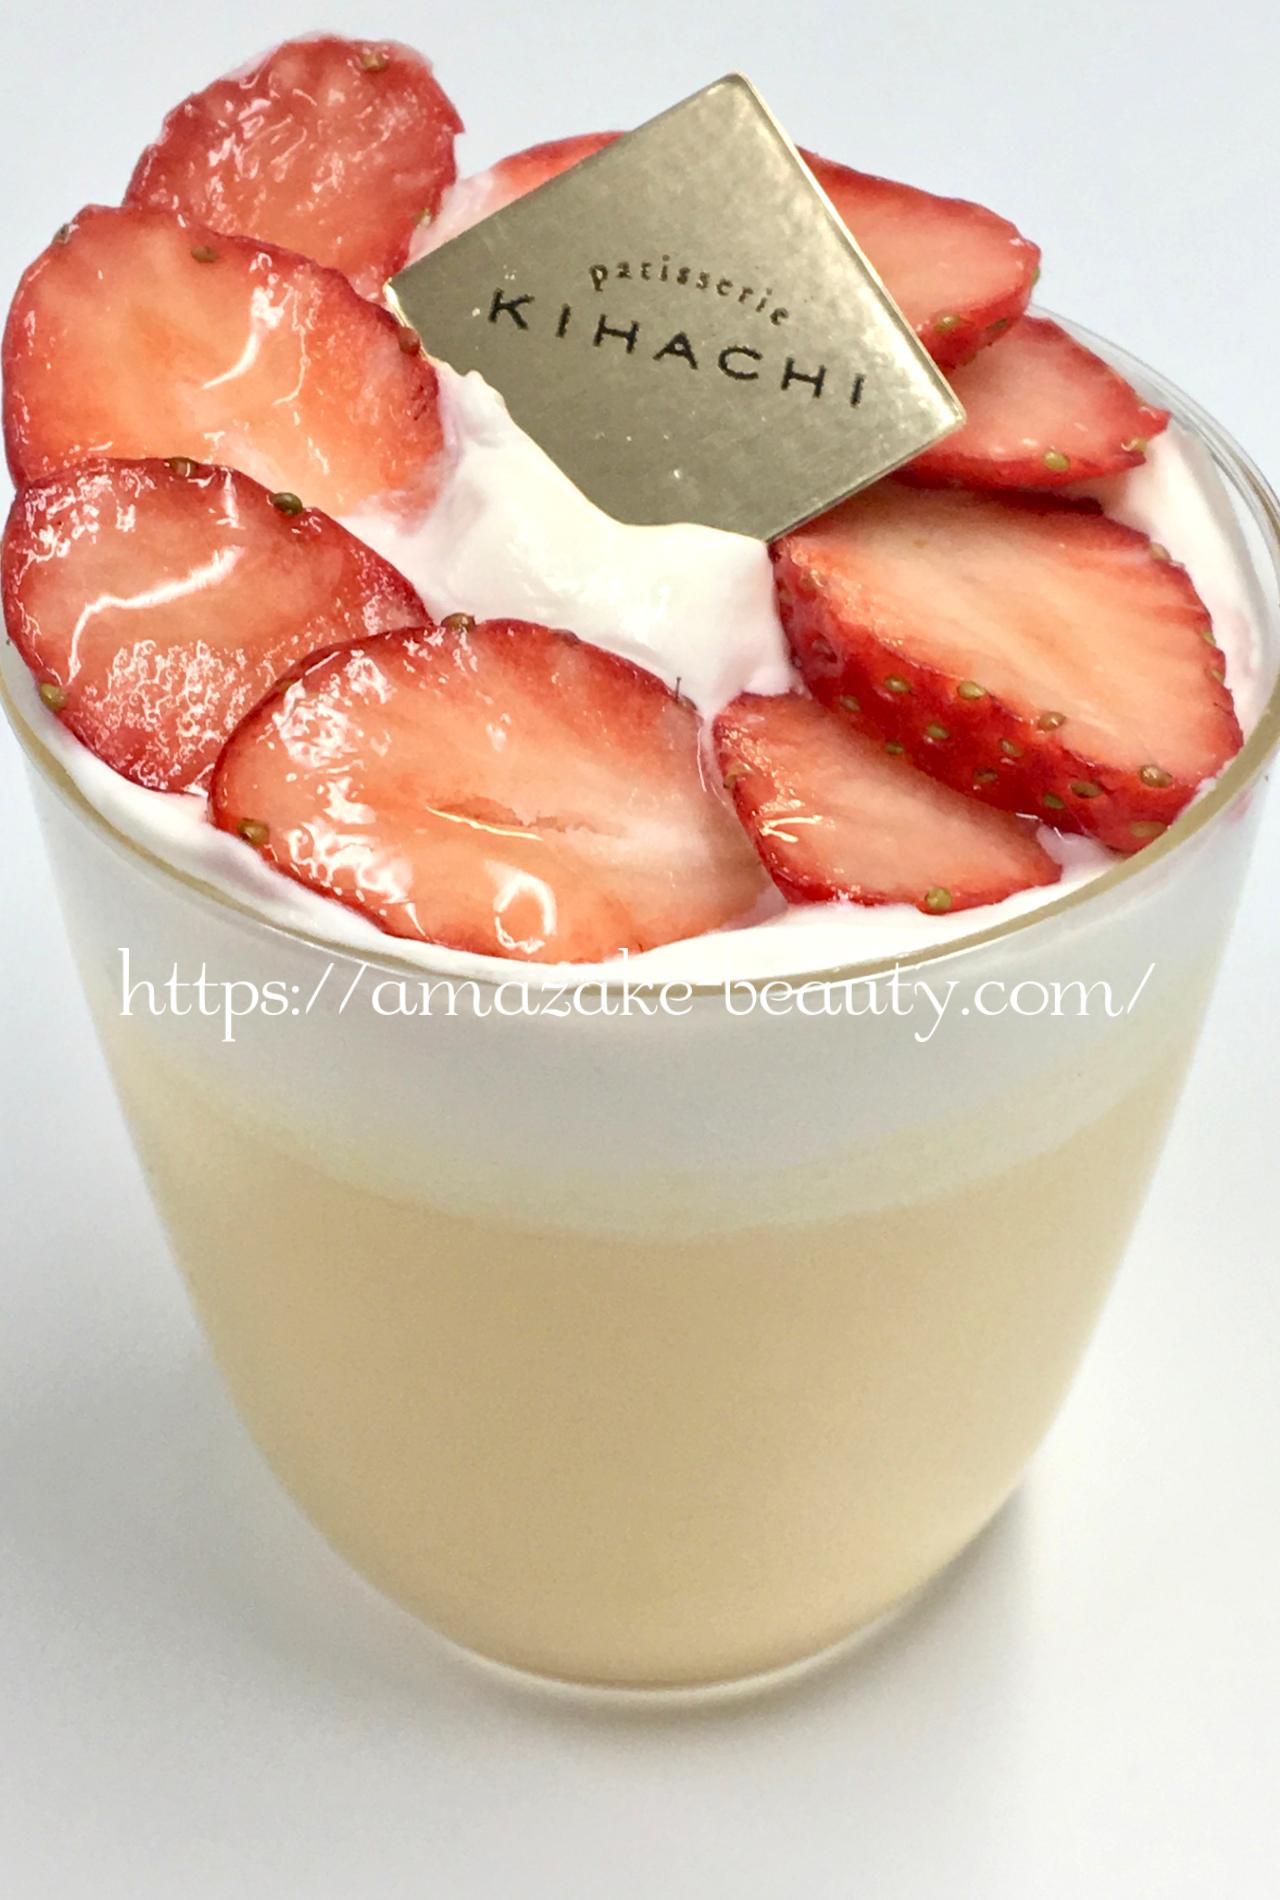 [amazake sweets]kihachi[amazake to ichigo no furan](review)